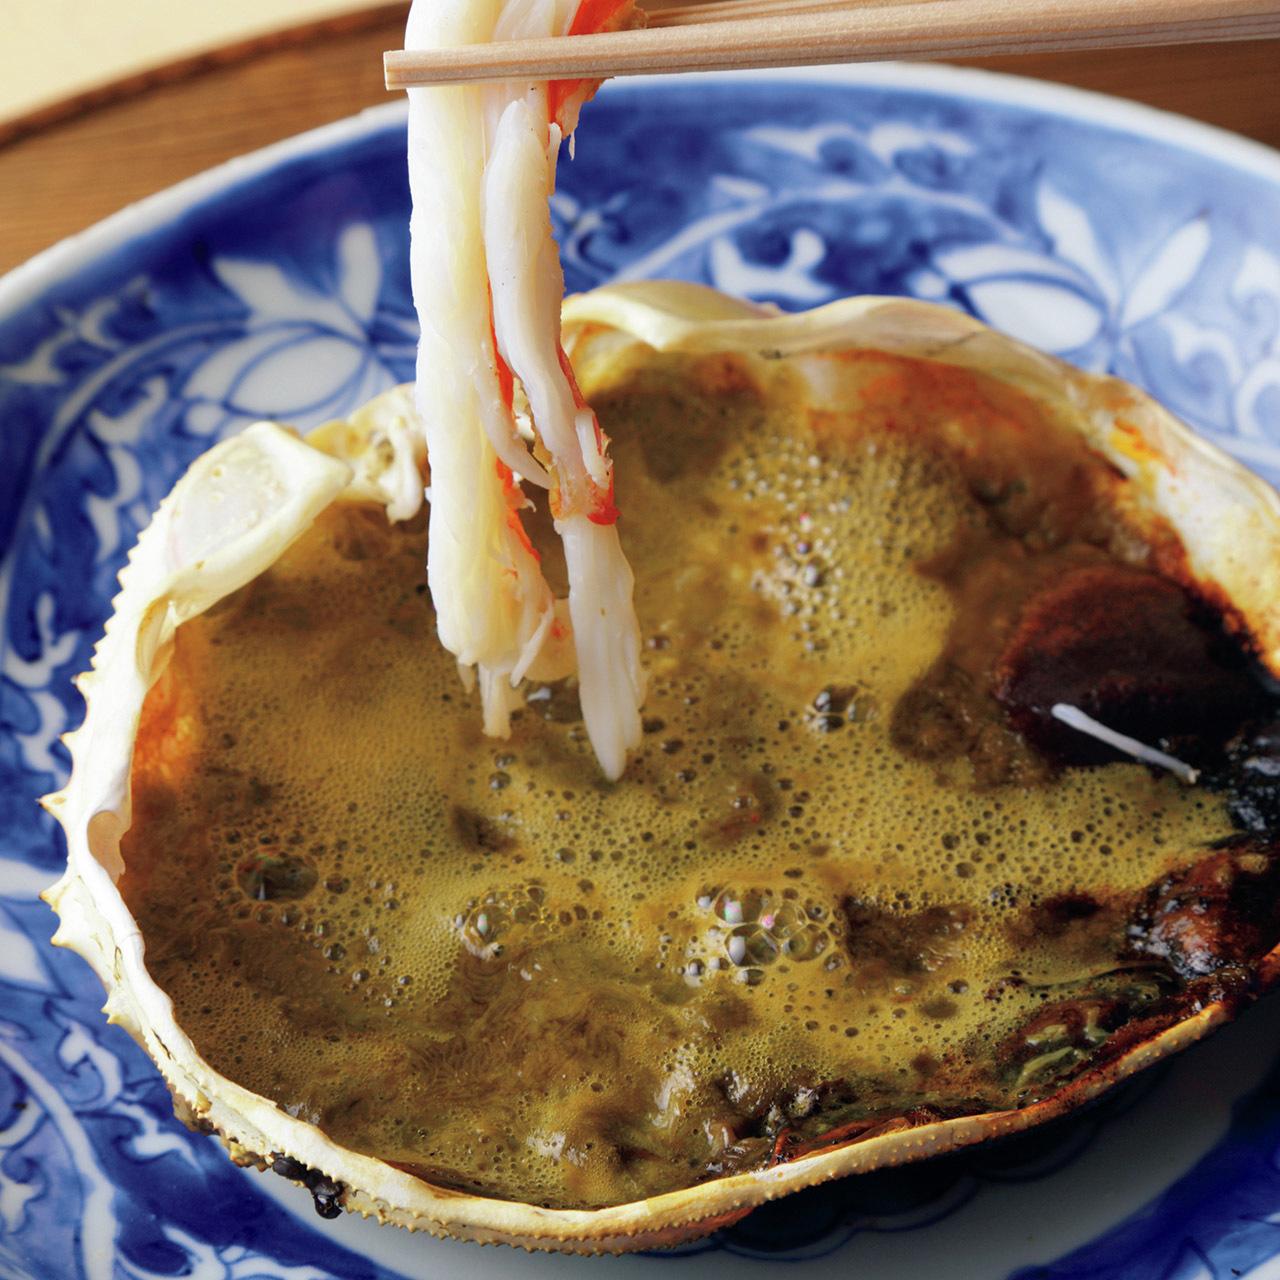 京の冬の美味。松葉ガニ&すっぽん料理の名店 五選_1_1-4